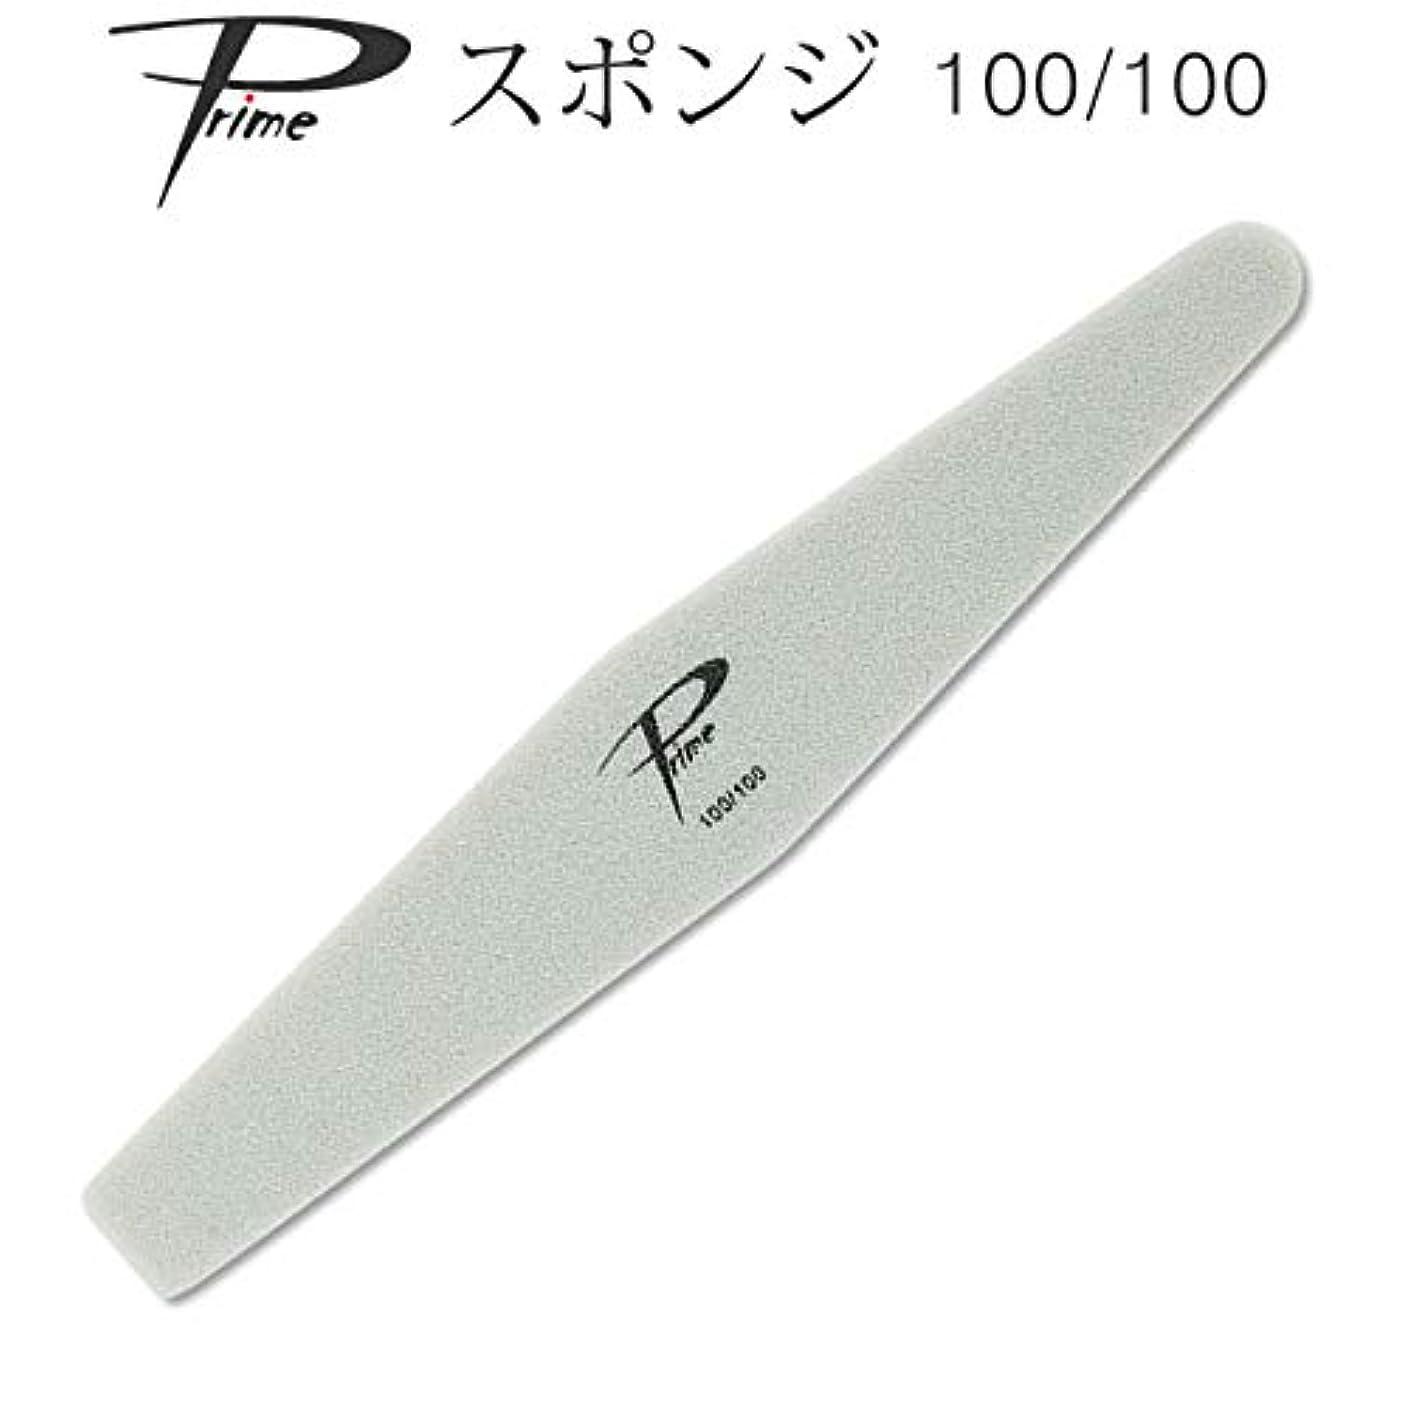 ブランド生きる不名誉なPrime スポンジファイル 100/100